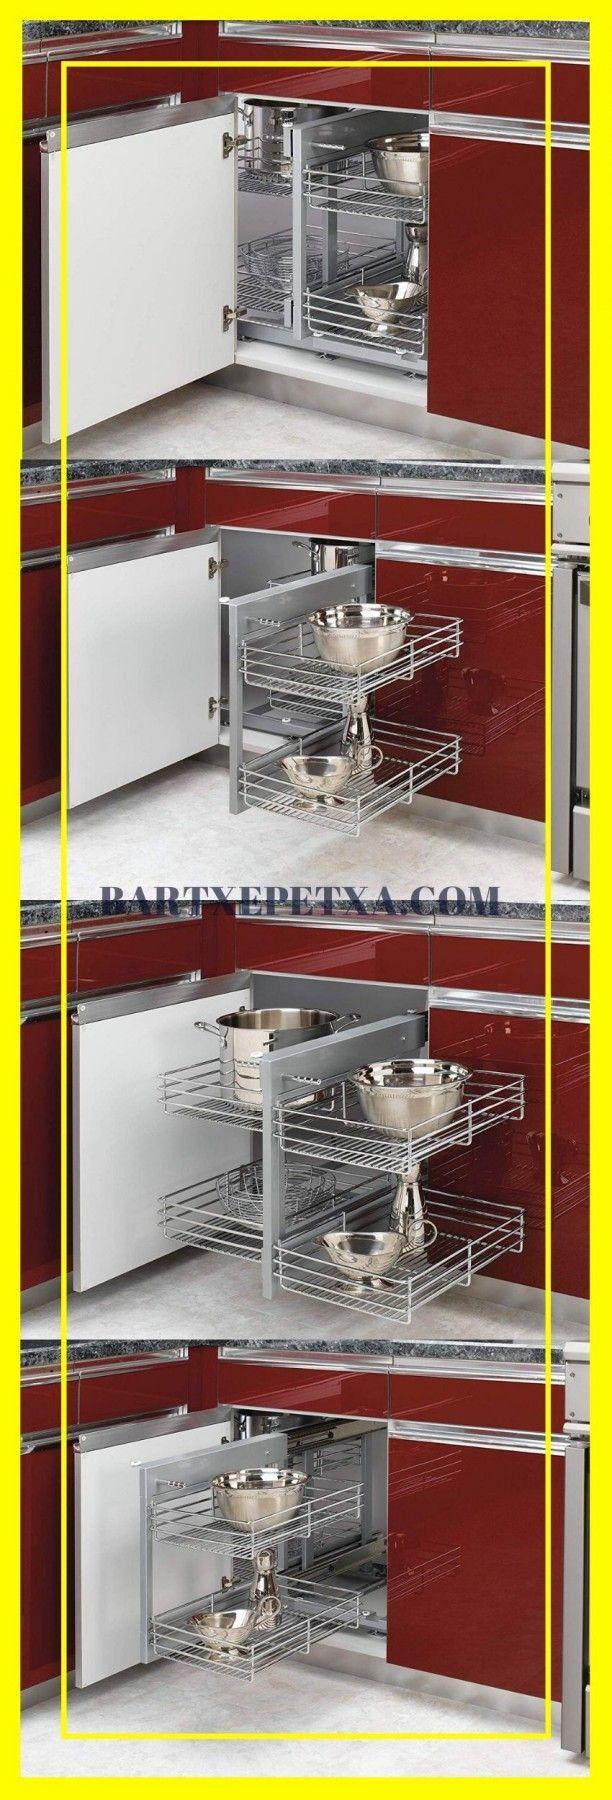 #kitchen #cabinet #organization Kitchen Cabinet Organizers (Corner and Pull Out Organizer Ideas) #cabinetorganizers